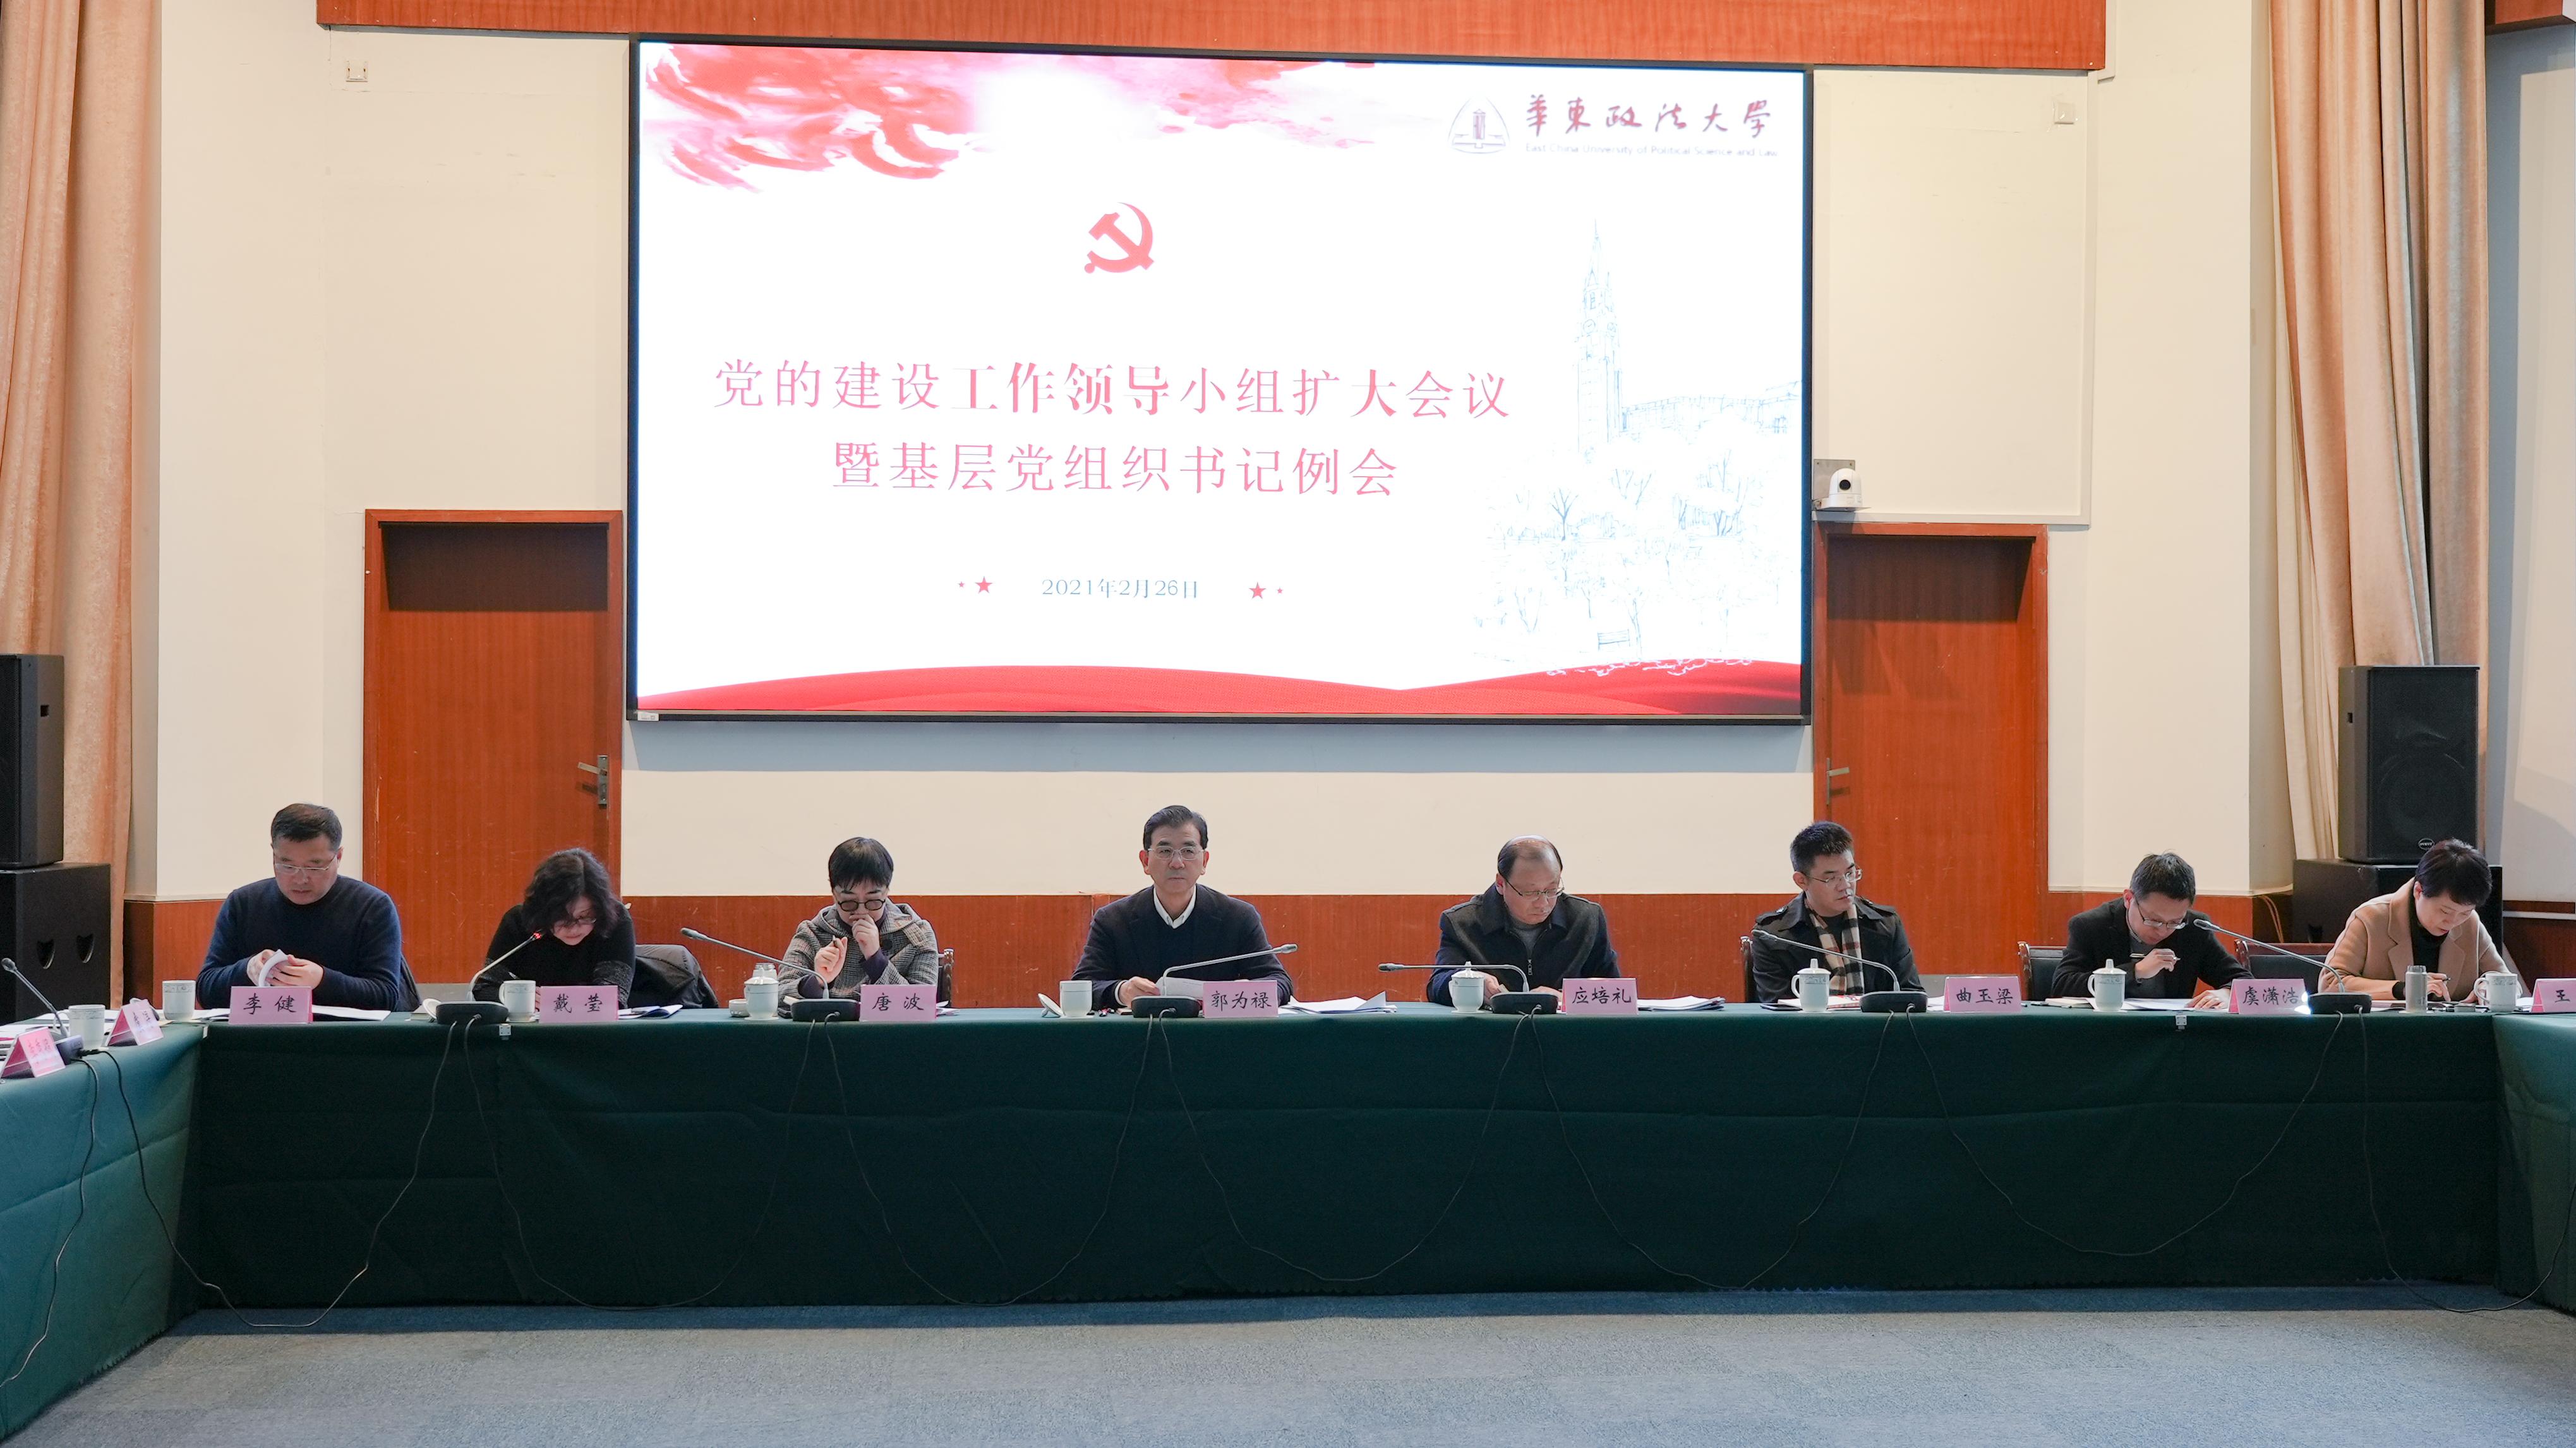 党的建设工作领导小组扩大会议暨基层党组织书记例会举行